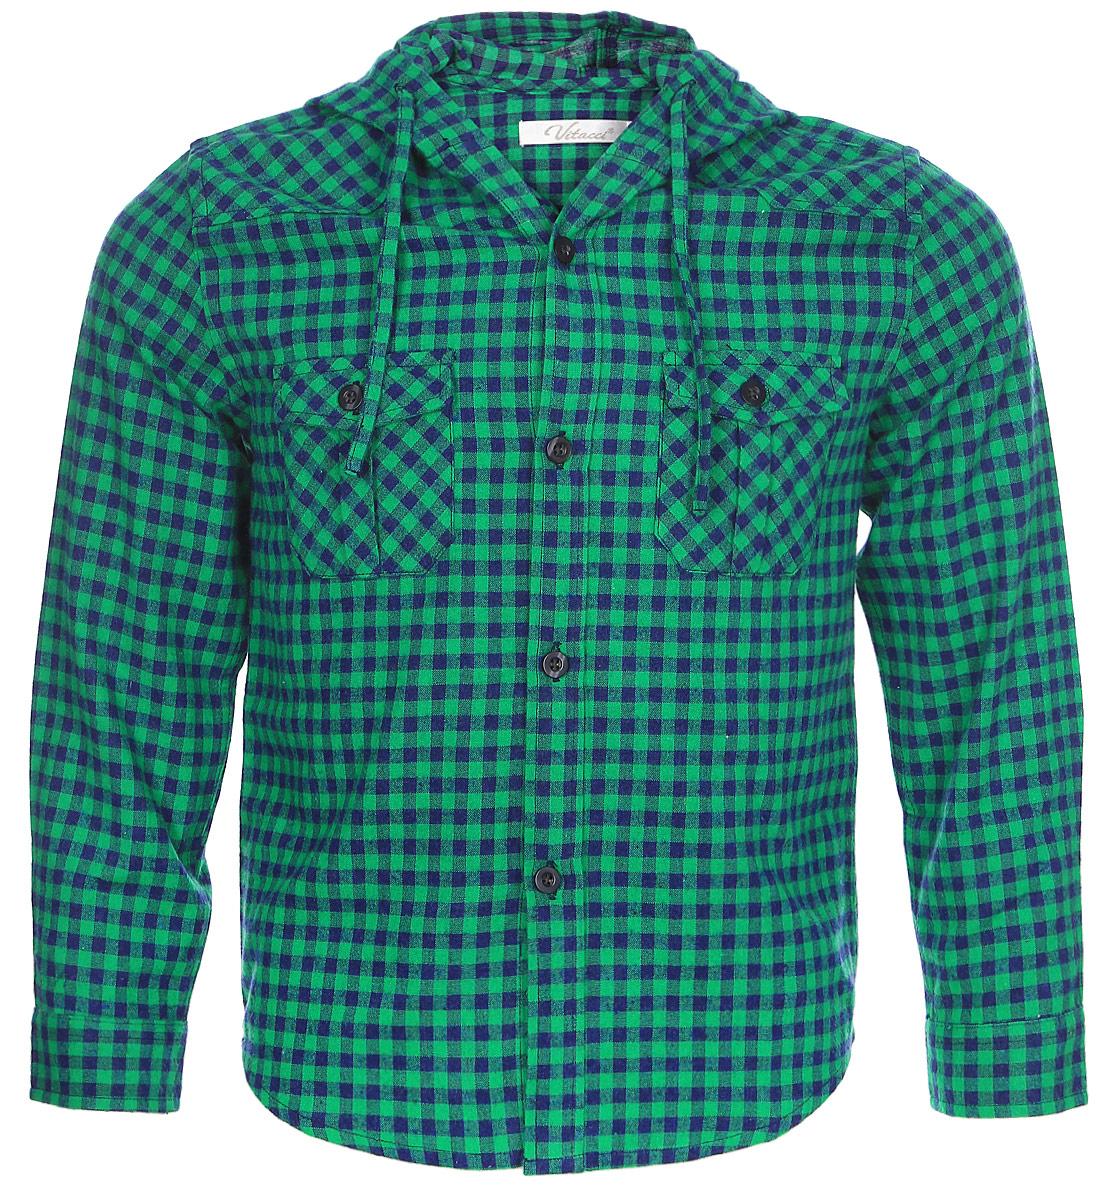 Рубашка для мальчика Vitacci, цвет: зеленый. 1161097-06. Размер 981161097-06Рубашка для мальчика Vitacci выполнена из хлопка с добавлением полиэстера. Модель с капюшоном и длинными рукавами застегивается по всей длине с помощью пуговиц. Рукава дополнены манжетами на пуговицах. Оформлена рубашка стильным принтом в клетку и спереди двумя накладными карманами с клапанами.